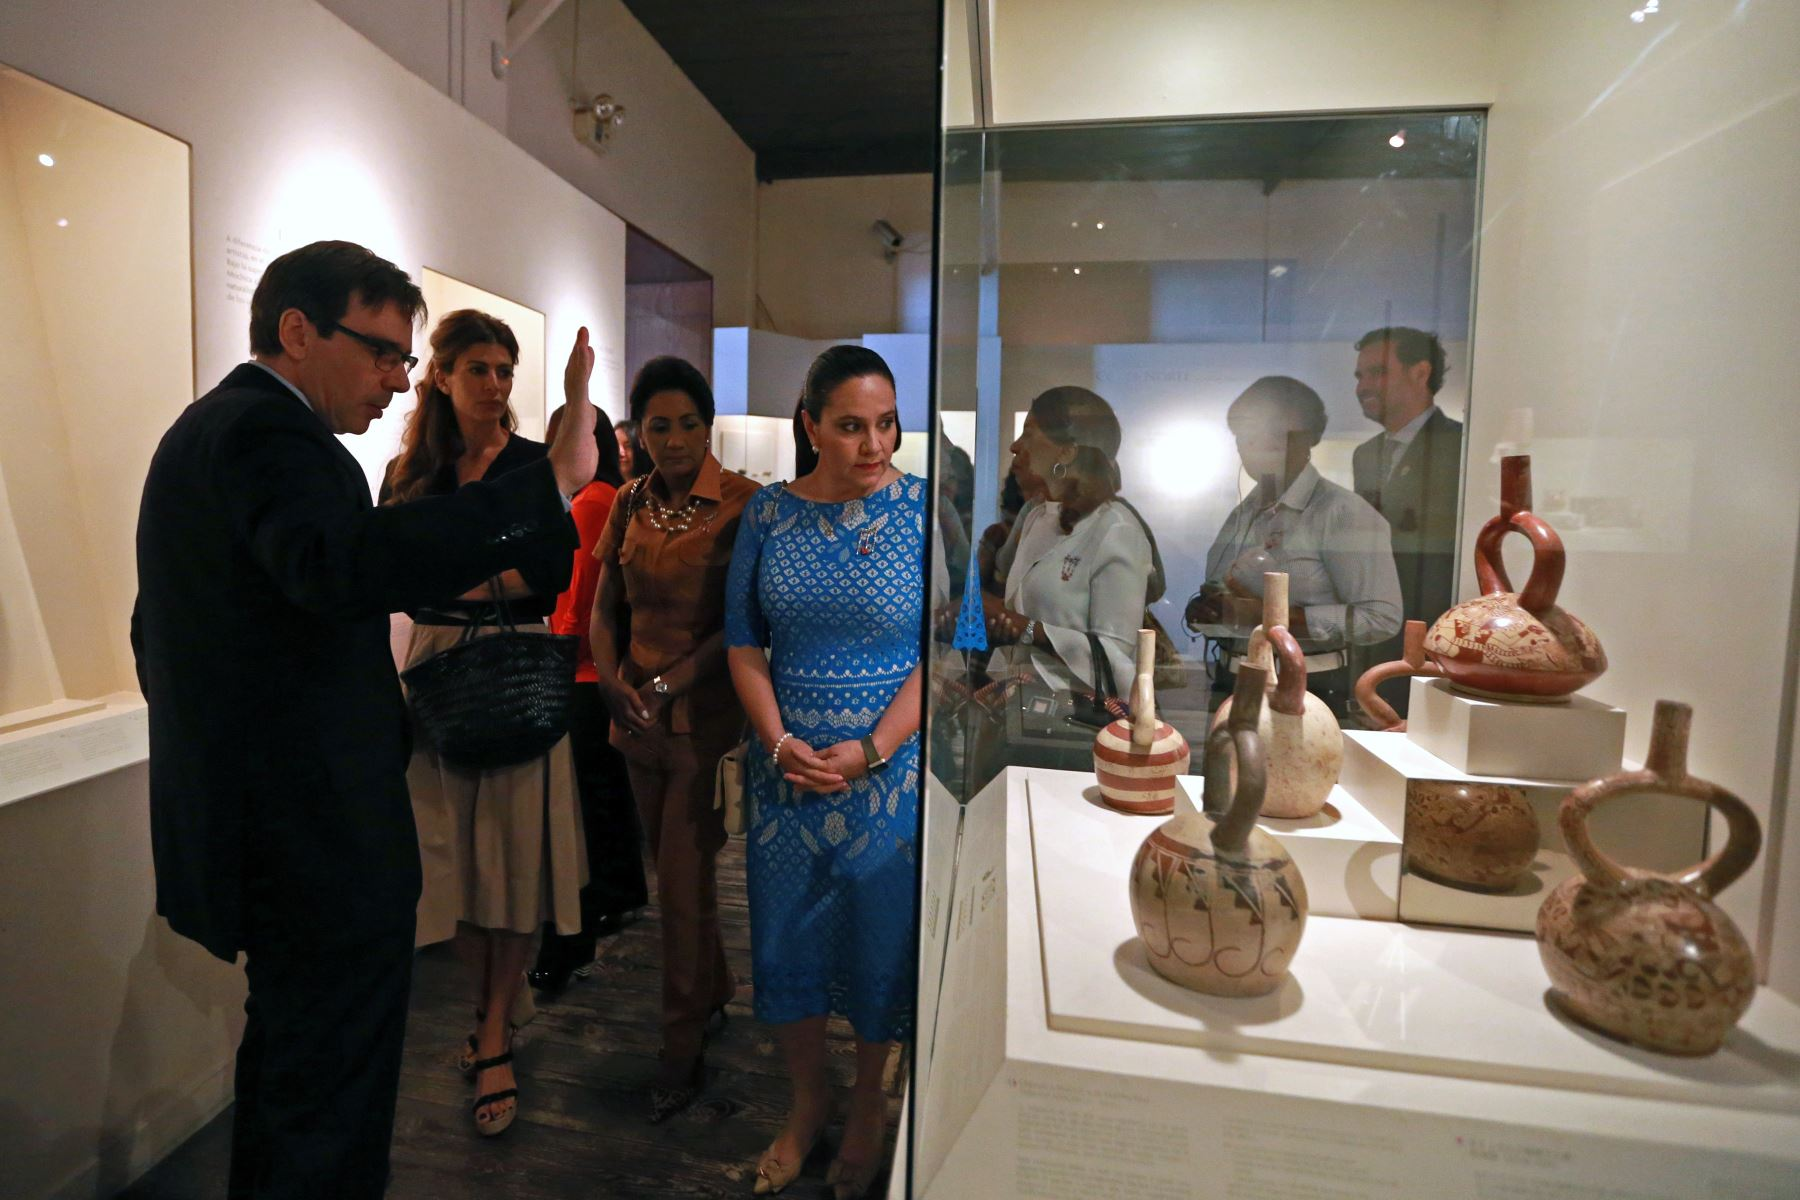 Esposas de los jefes de Estado que participan en la VIII Cumbre de las Américas visitan el museo Larco, donde pudieron apreciar piezas arqueológicas. Foto: ANDINA/Vidal Tarqui